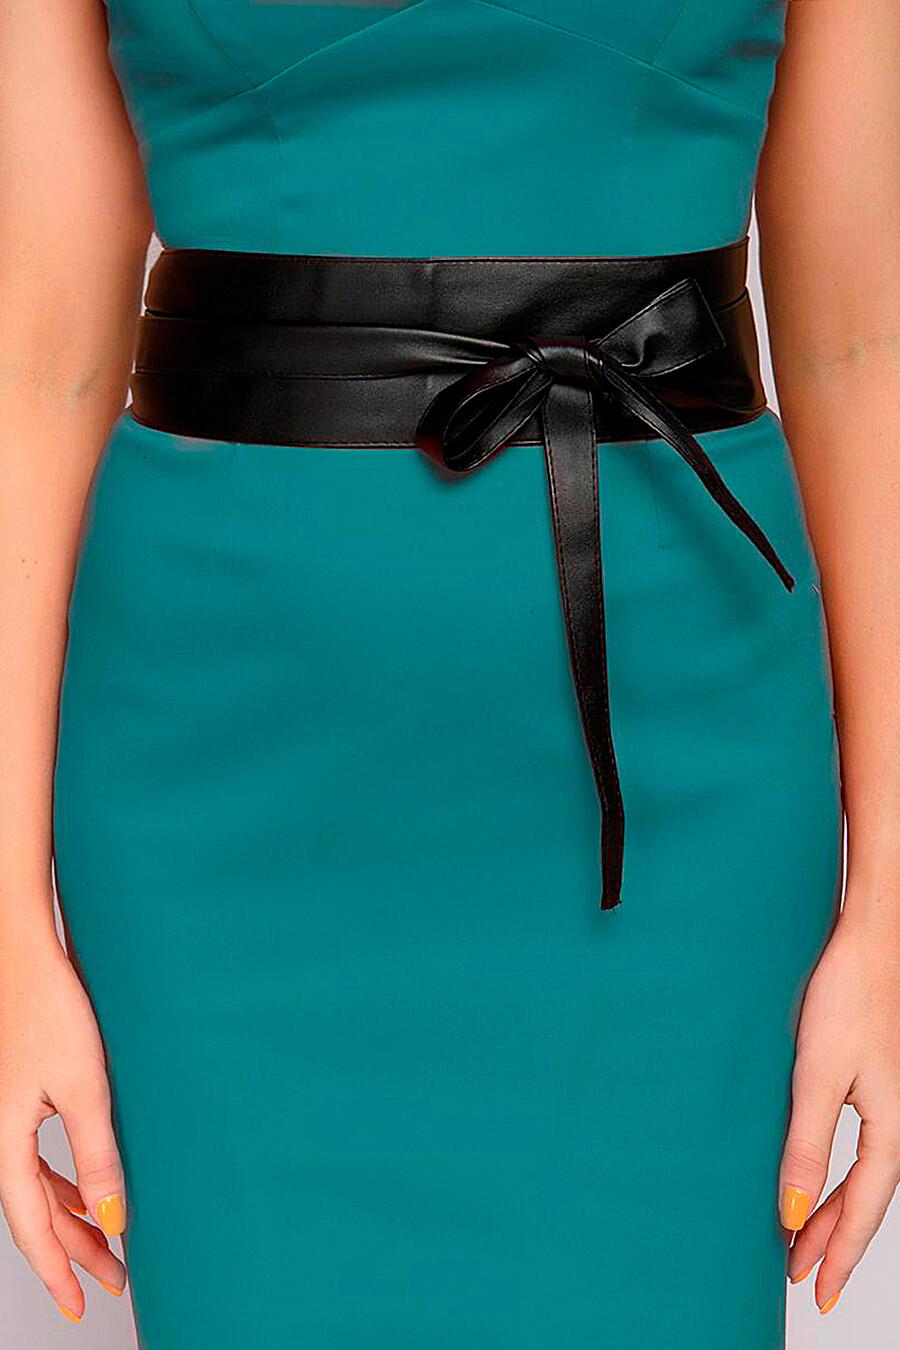 Пояс-кушак для женщин 1001 DRESS 239543 купить оптом от производителя. Совместная покупка женской одежды в OptMoyo